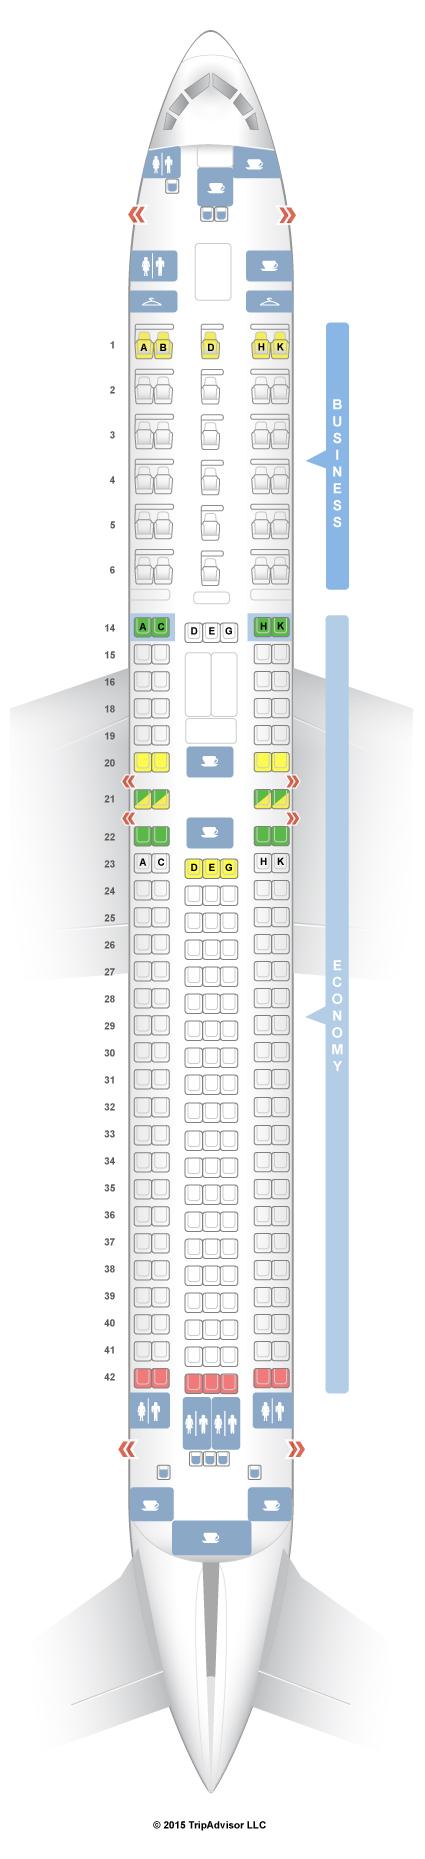 Lan Chile B767 300 Seat Map Brokeasshome Com